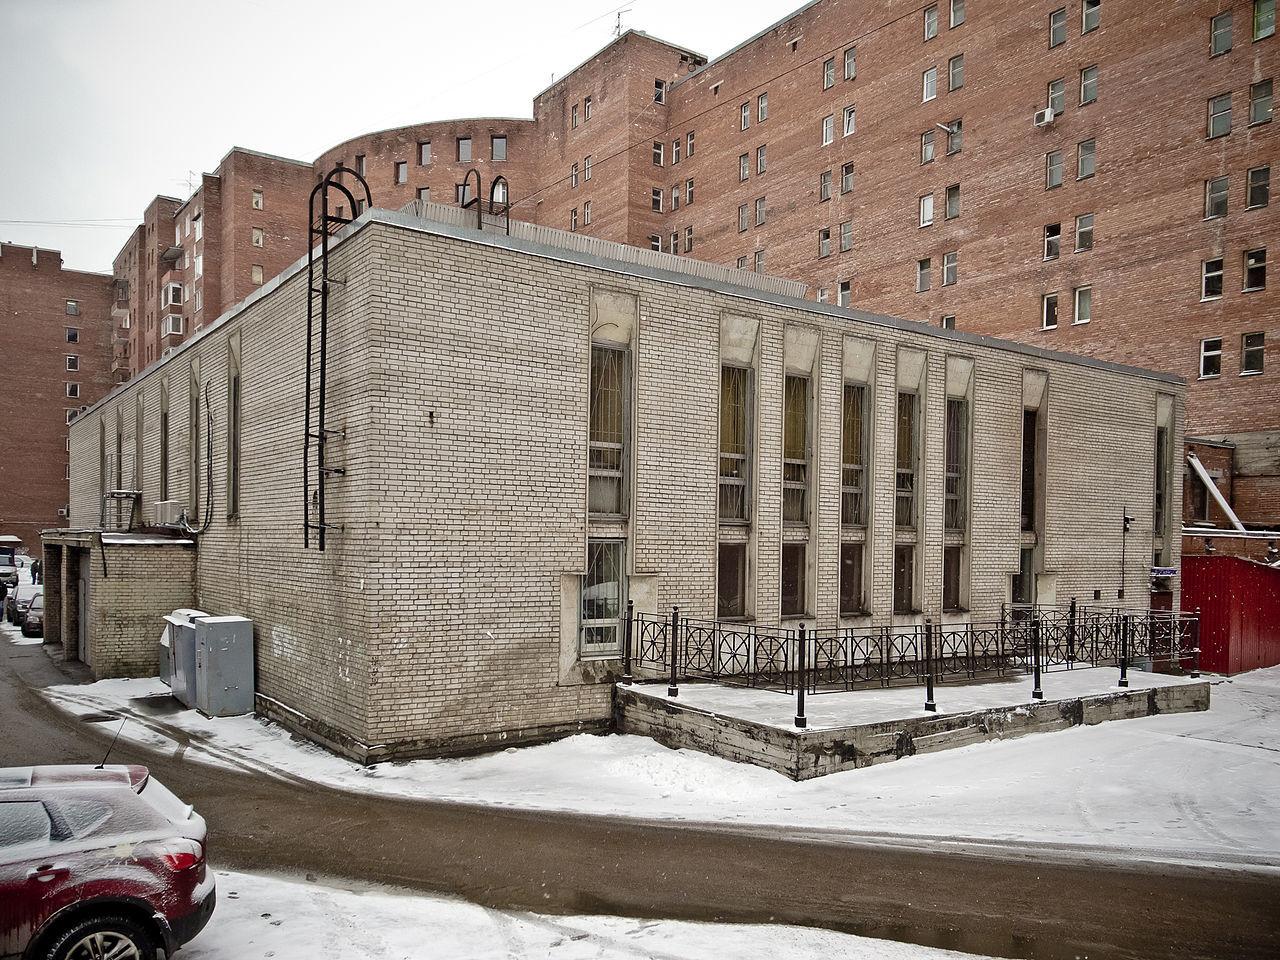 Aula masuk stasiun di halaman apartemen.